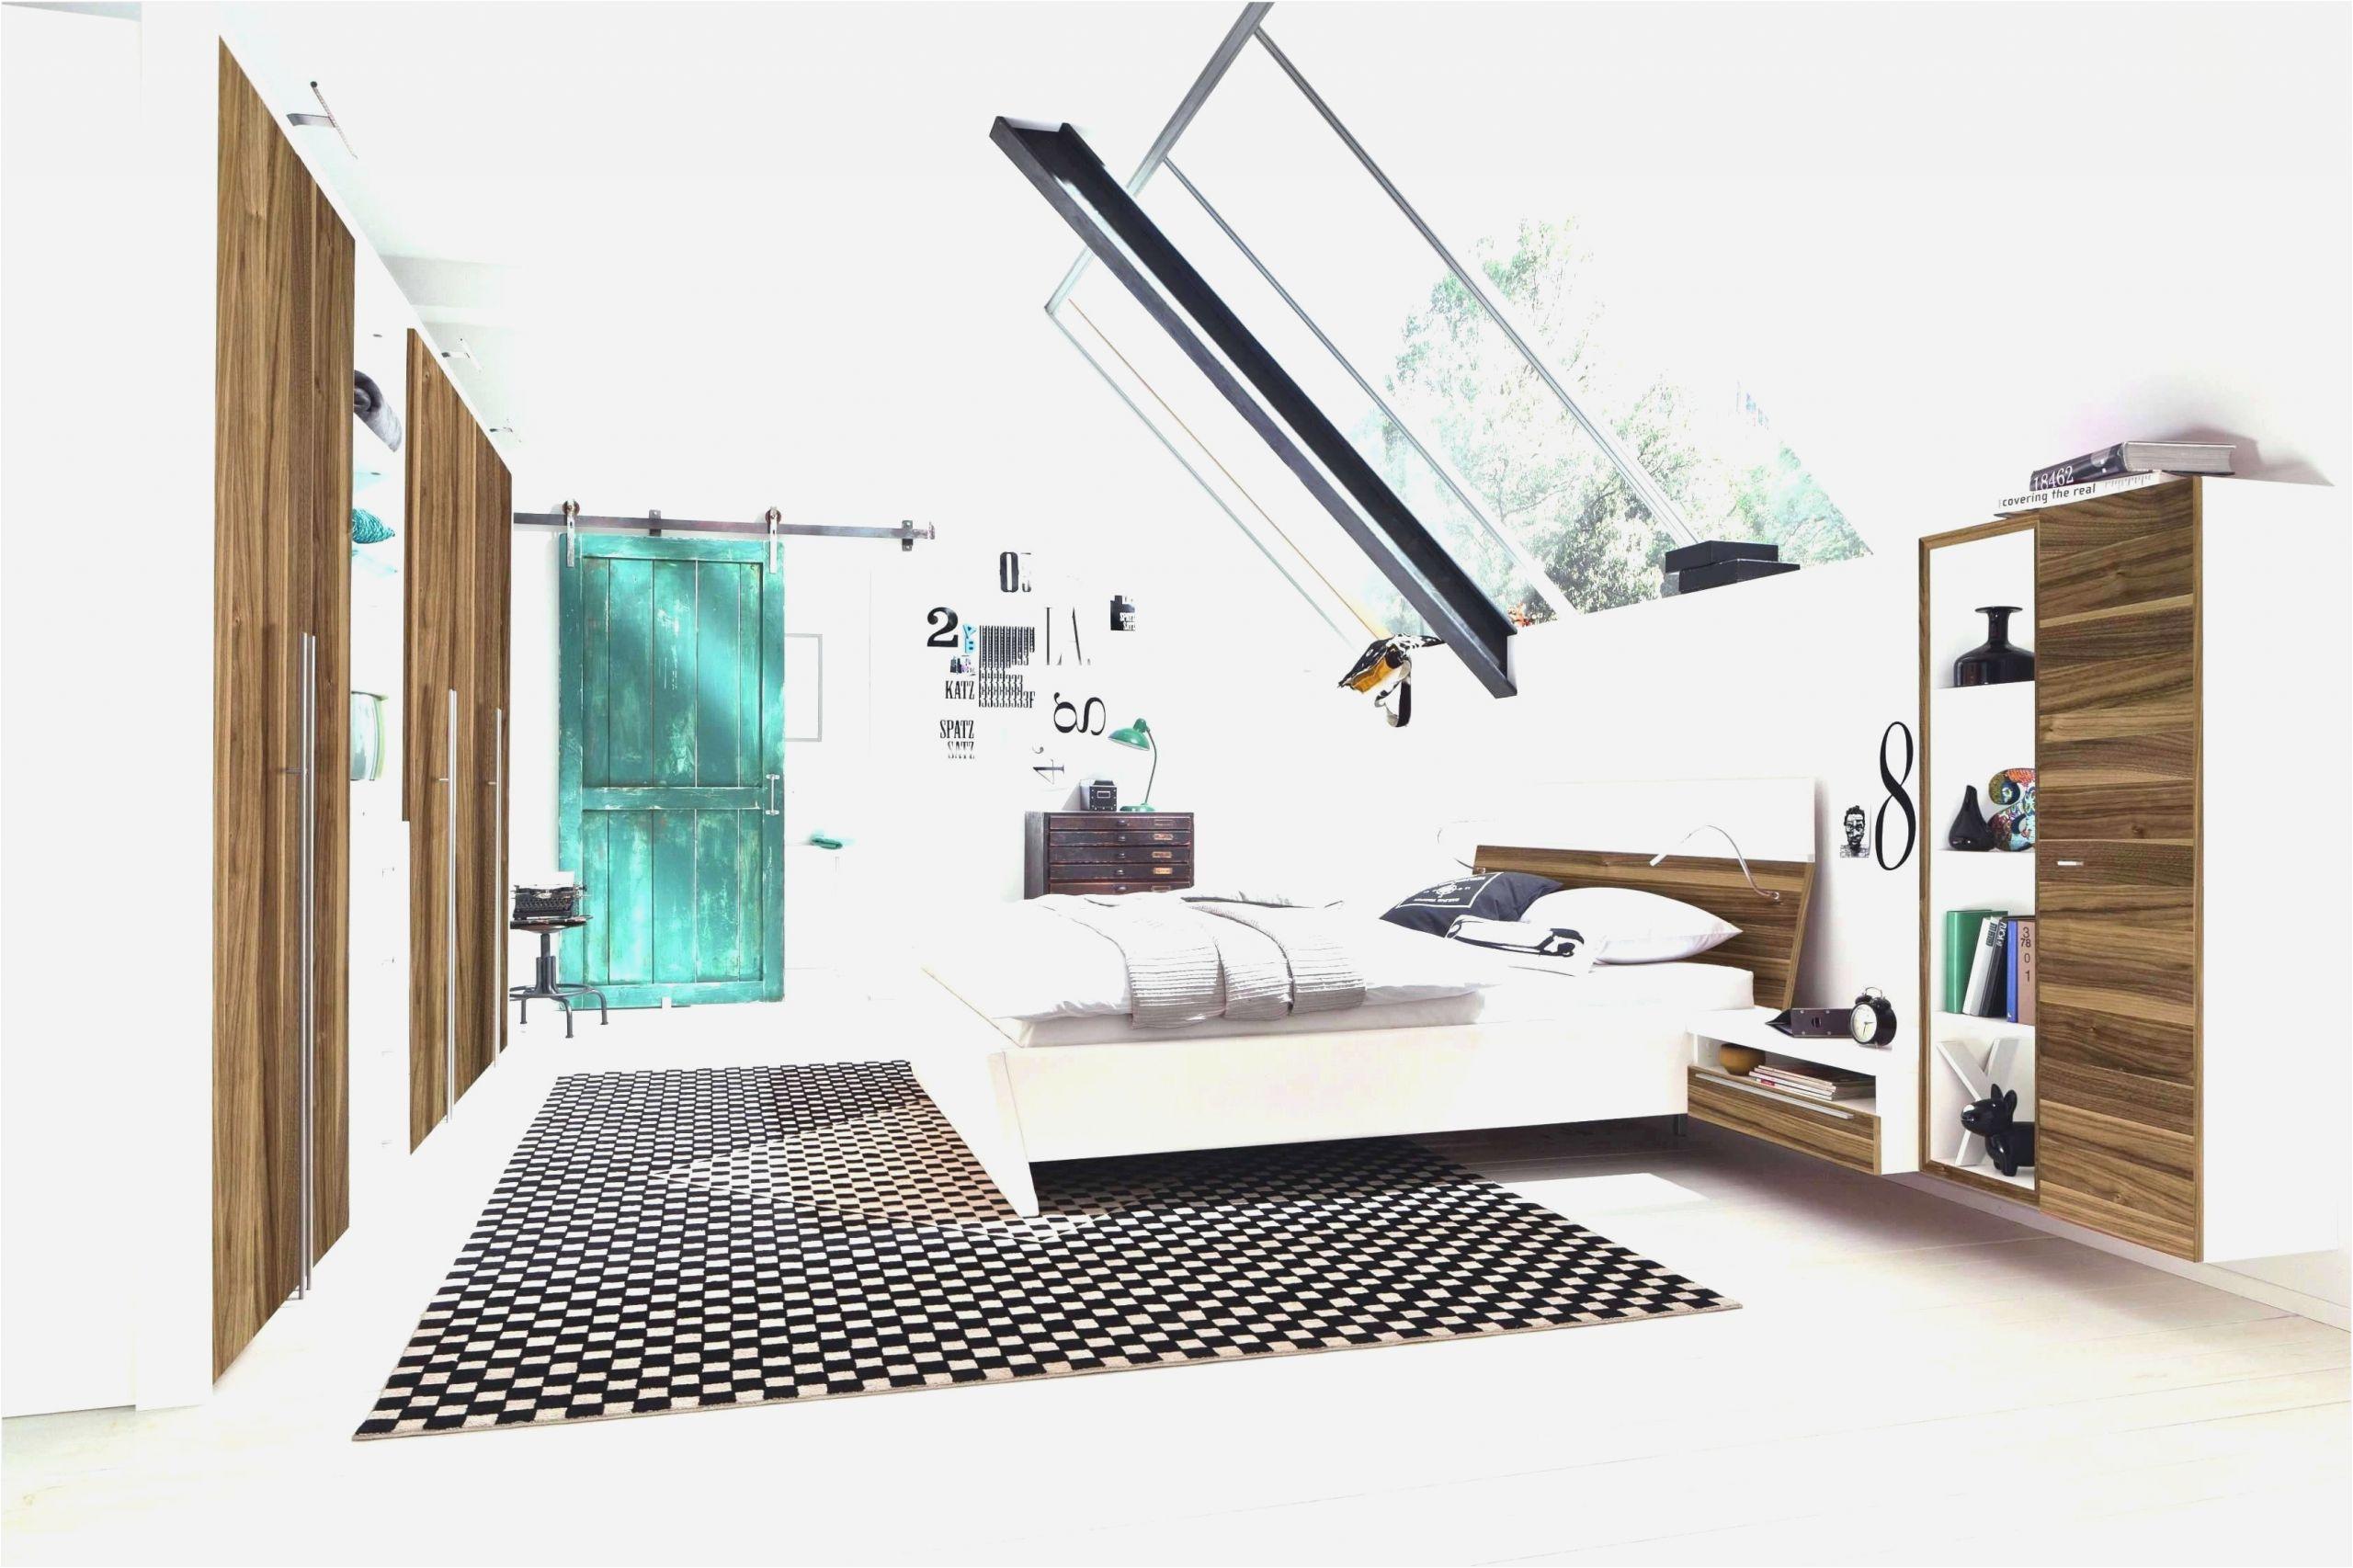 zimmerpflanzen ideen schlafzimmer of zimmerpflanzen ideen schlafzimmer scaled